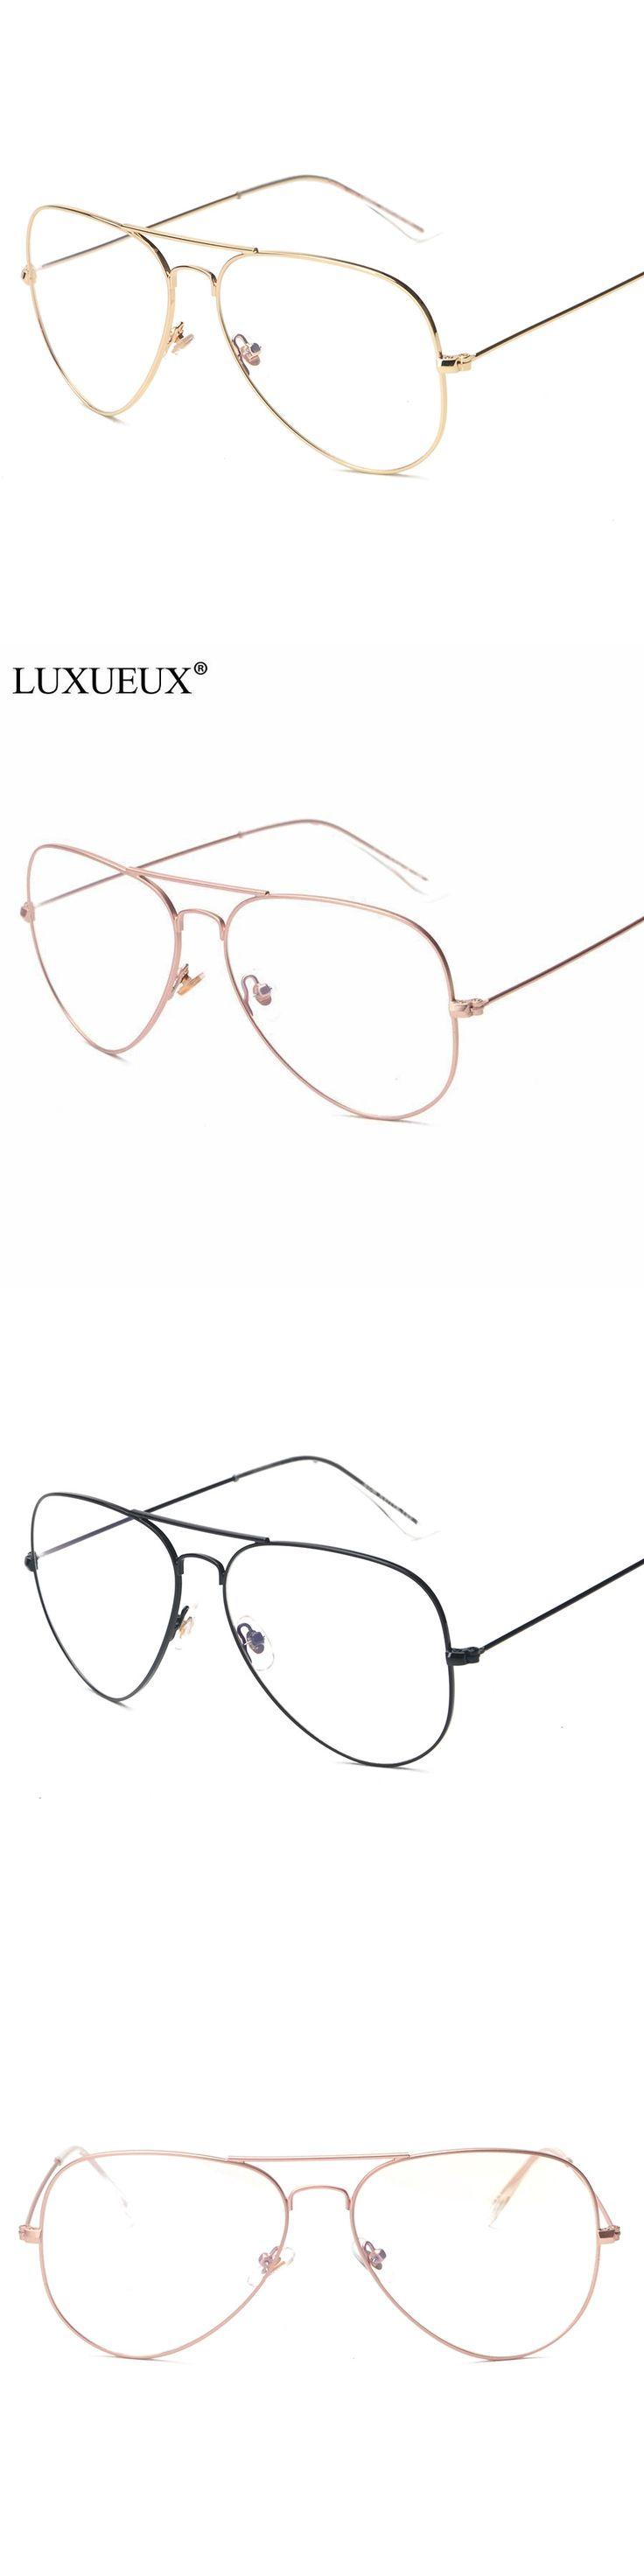 Rose Gold Oval Glasses Frame Women Brand Thin Alloy Frame Men's Optical Frames Eyeglasses Men Fashion Computer Eyewear